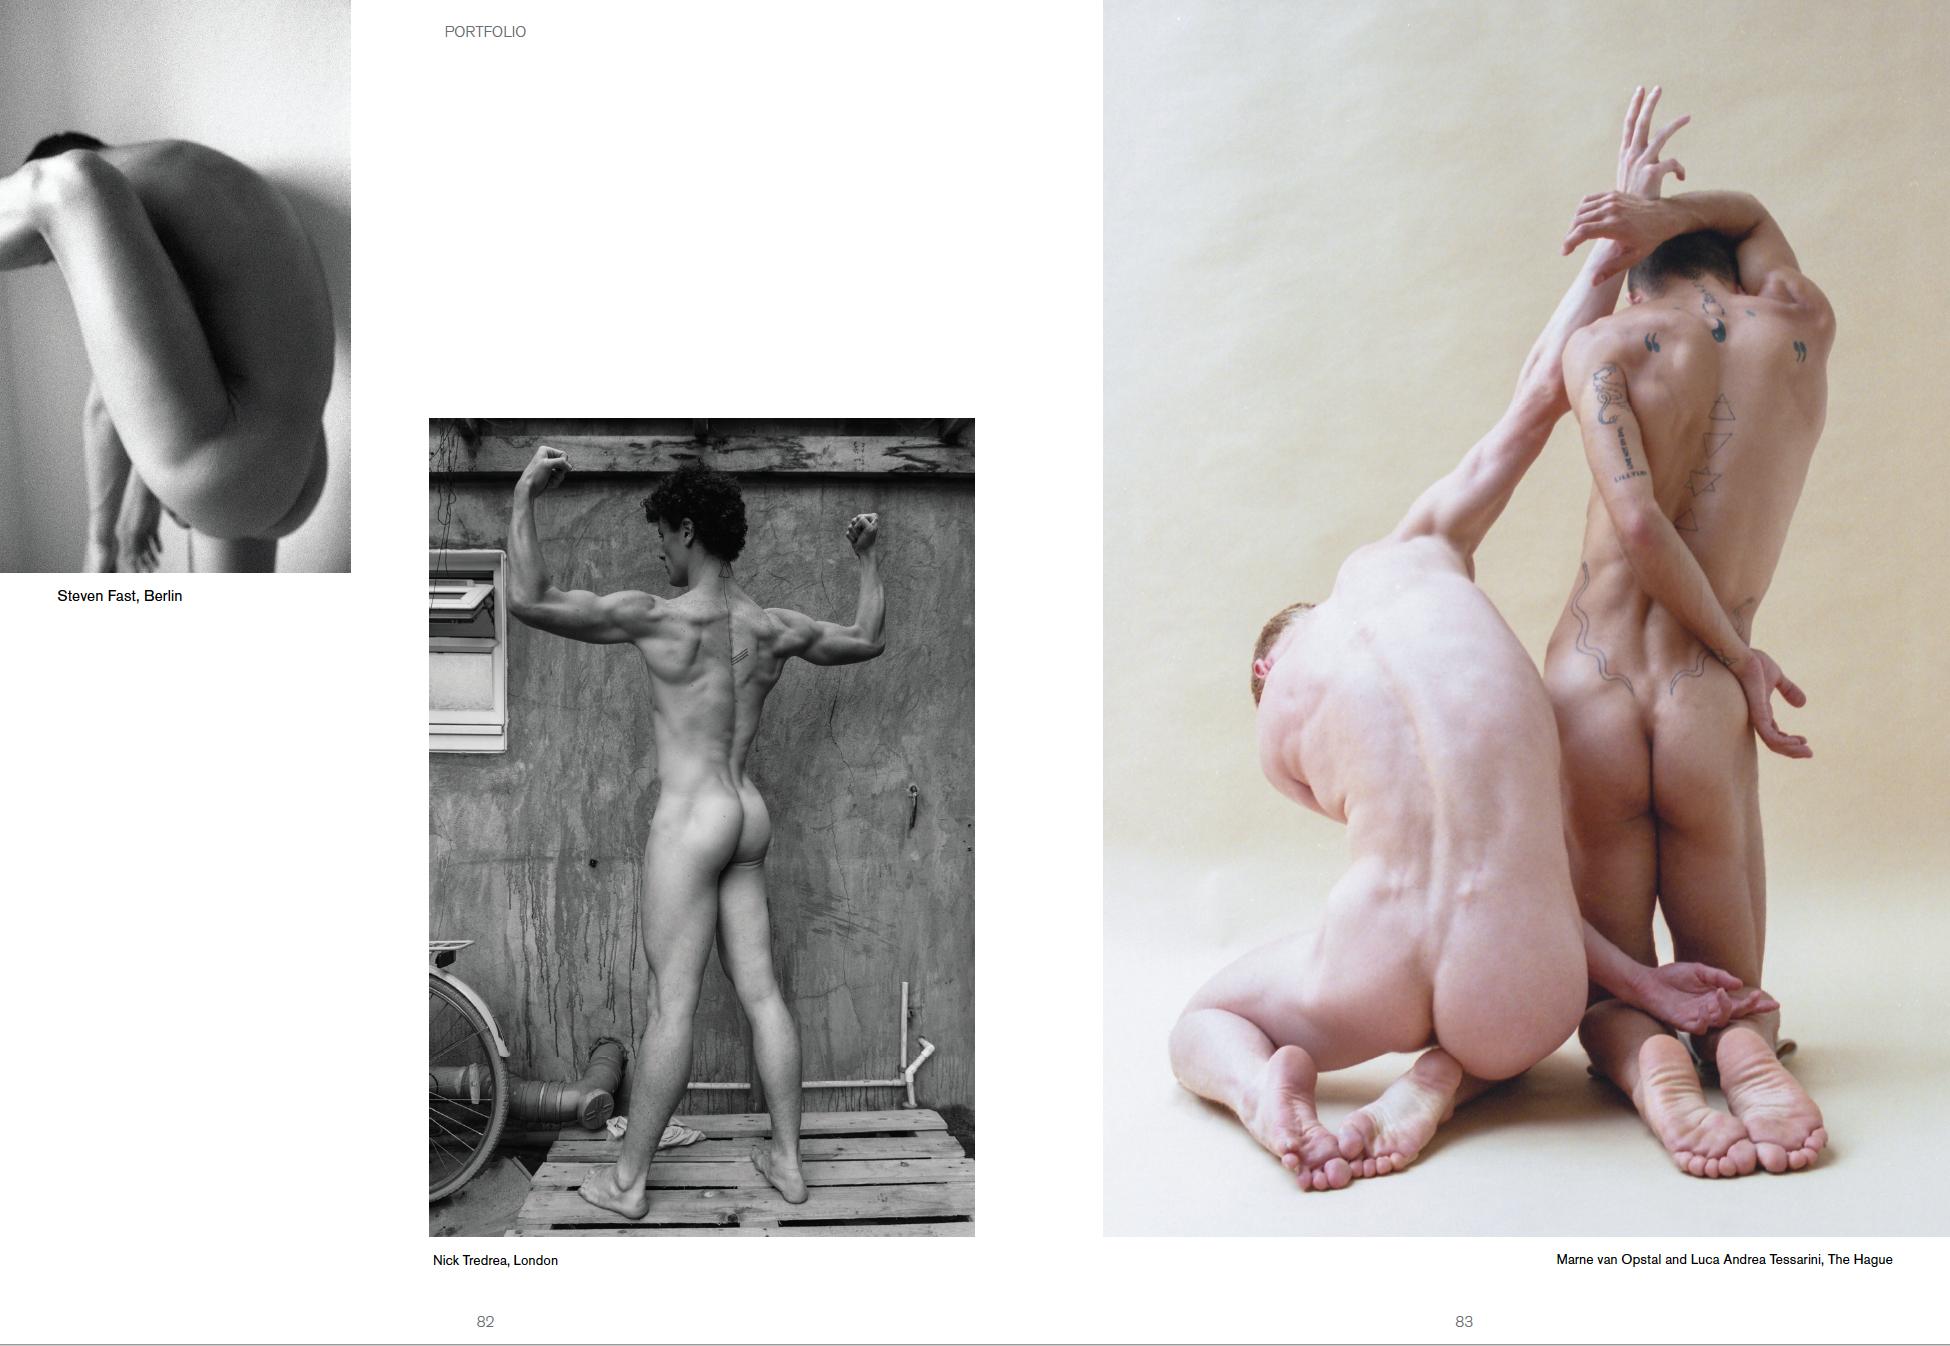 Nicholas Tredrea / Nick Tredrea with Gerardo Vizmanos for GAYLETTER NYC 'Issue 8'